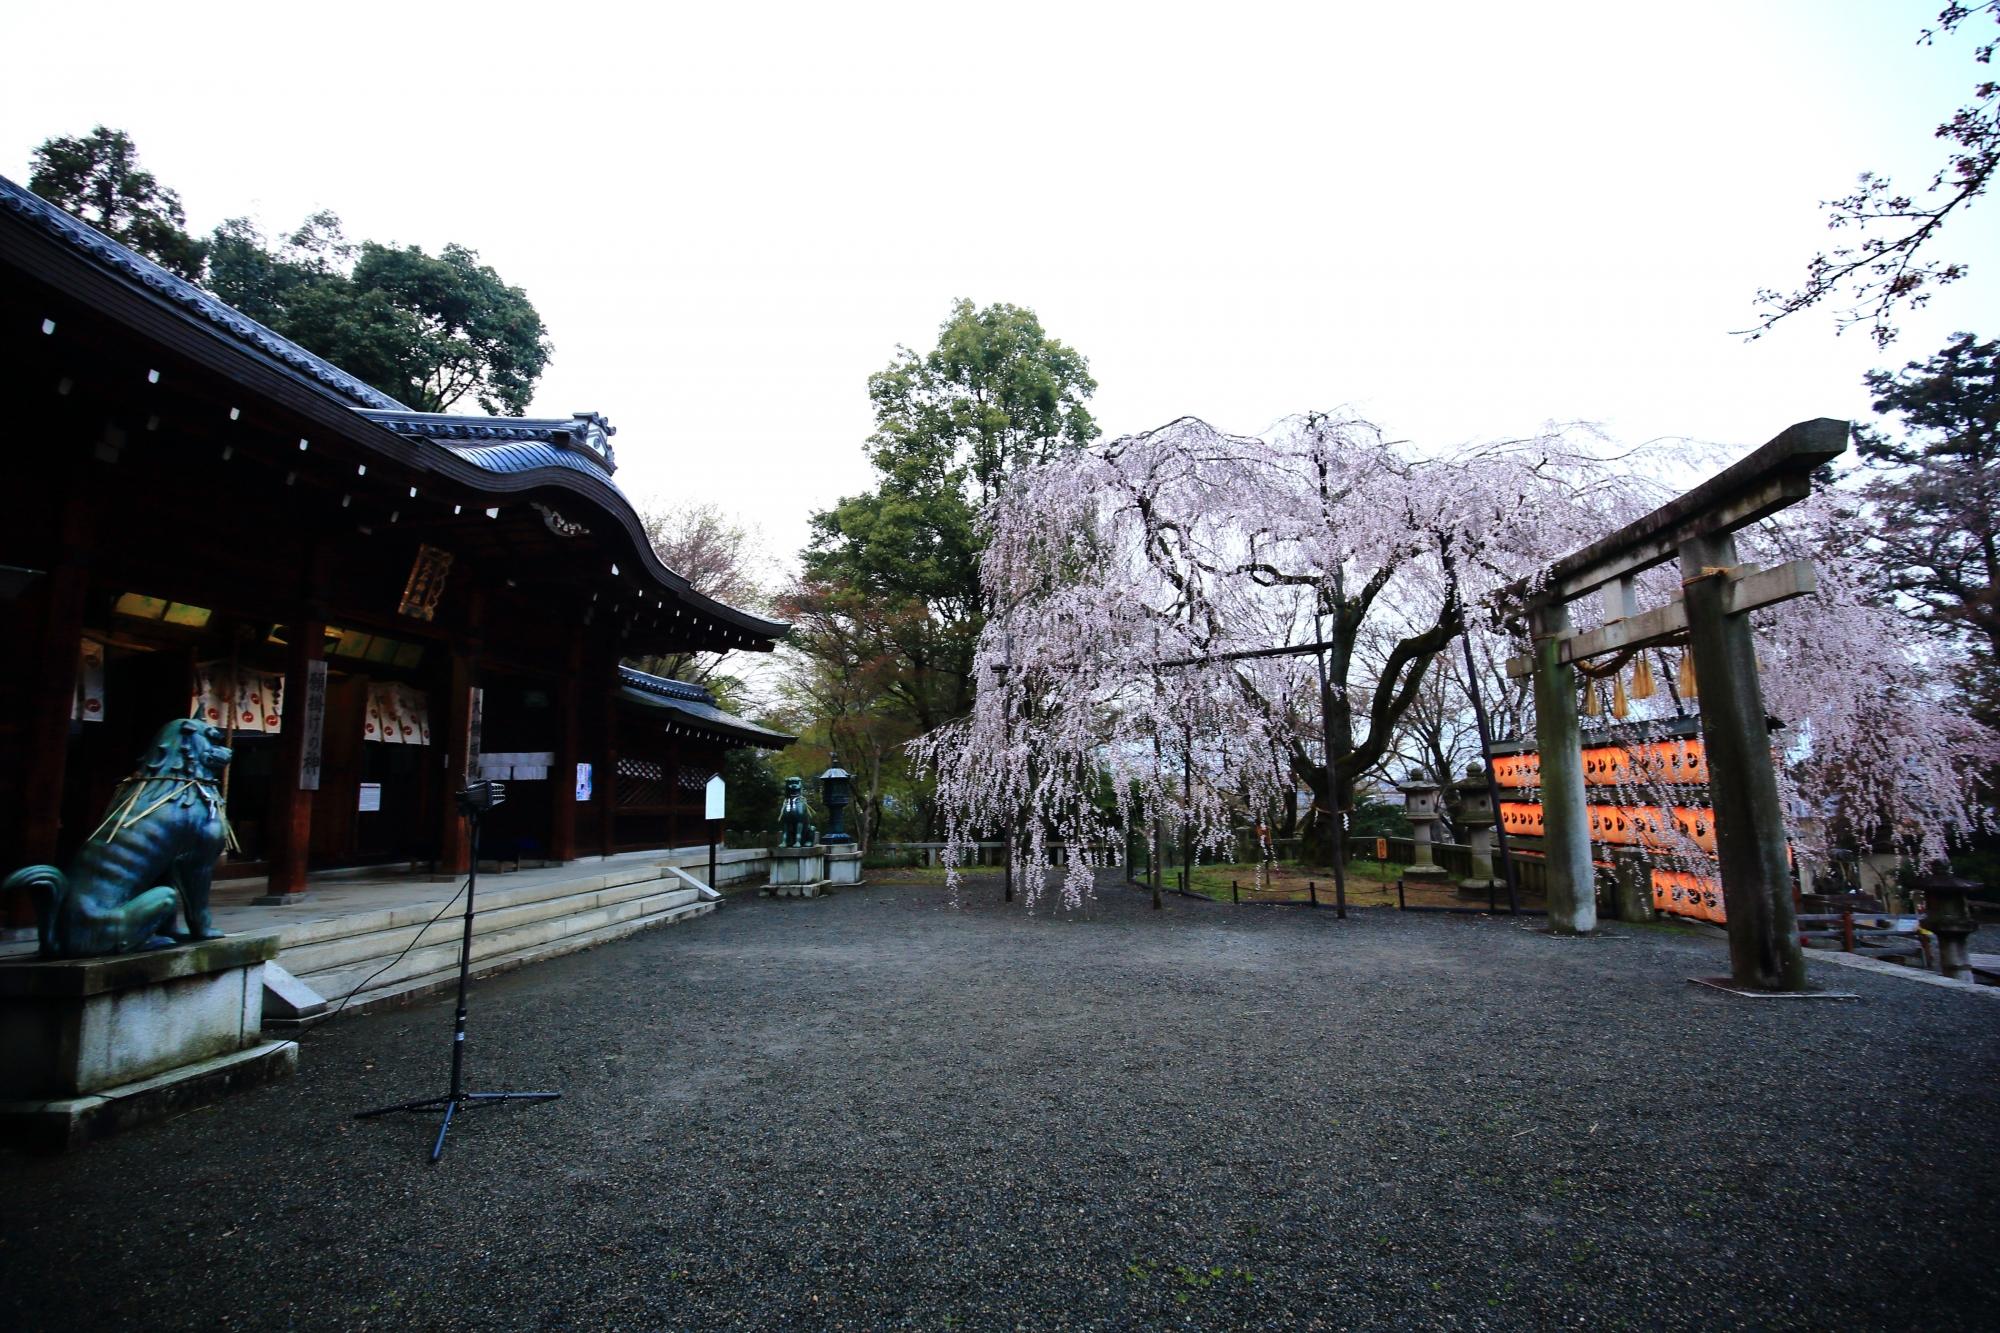 立派に構える本殿と華やかなしだれ桜